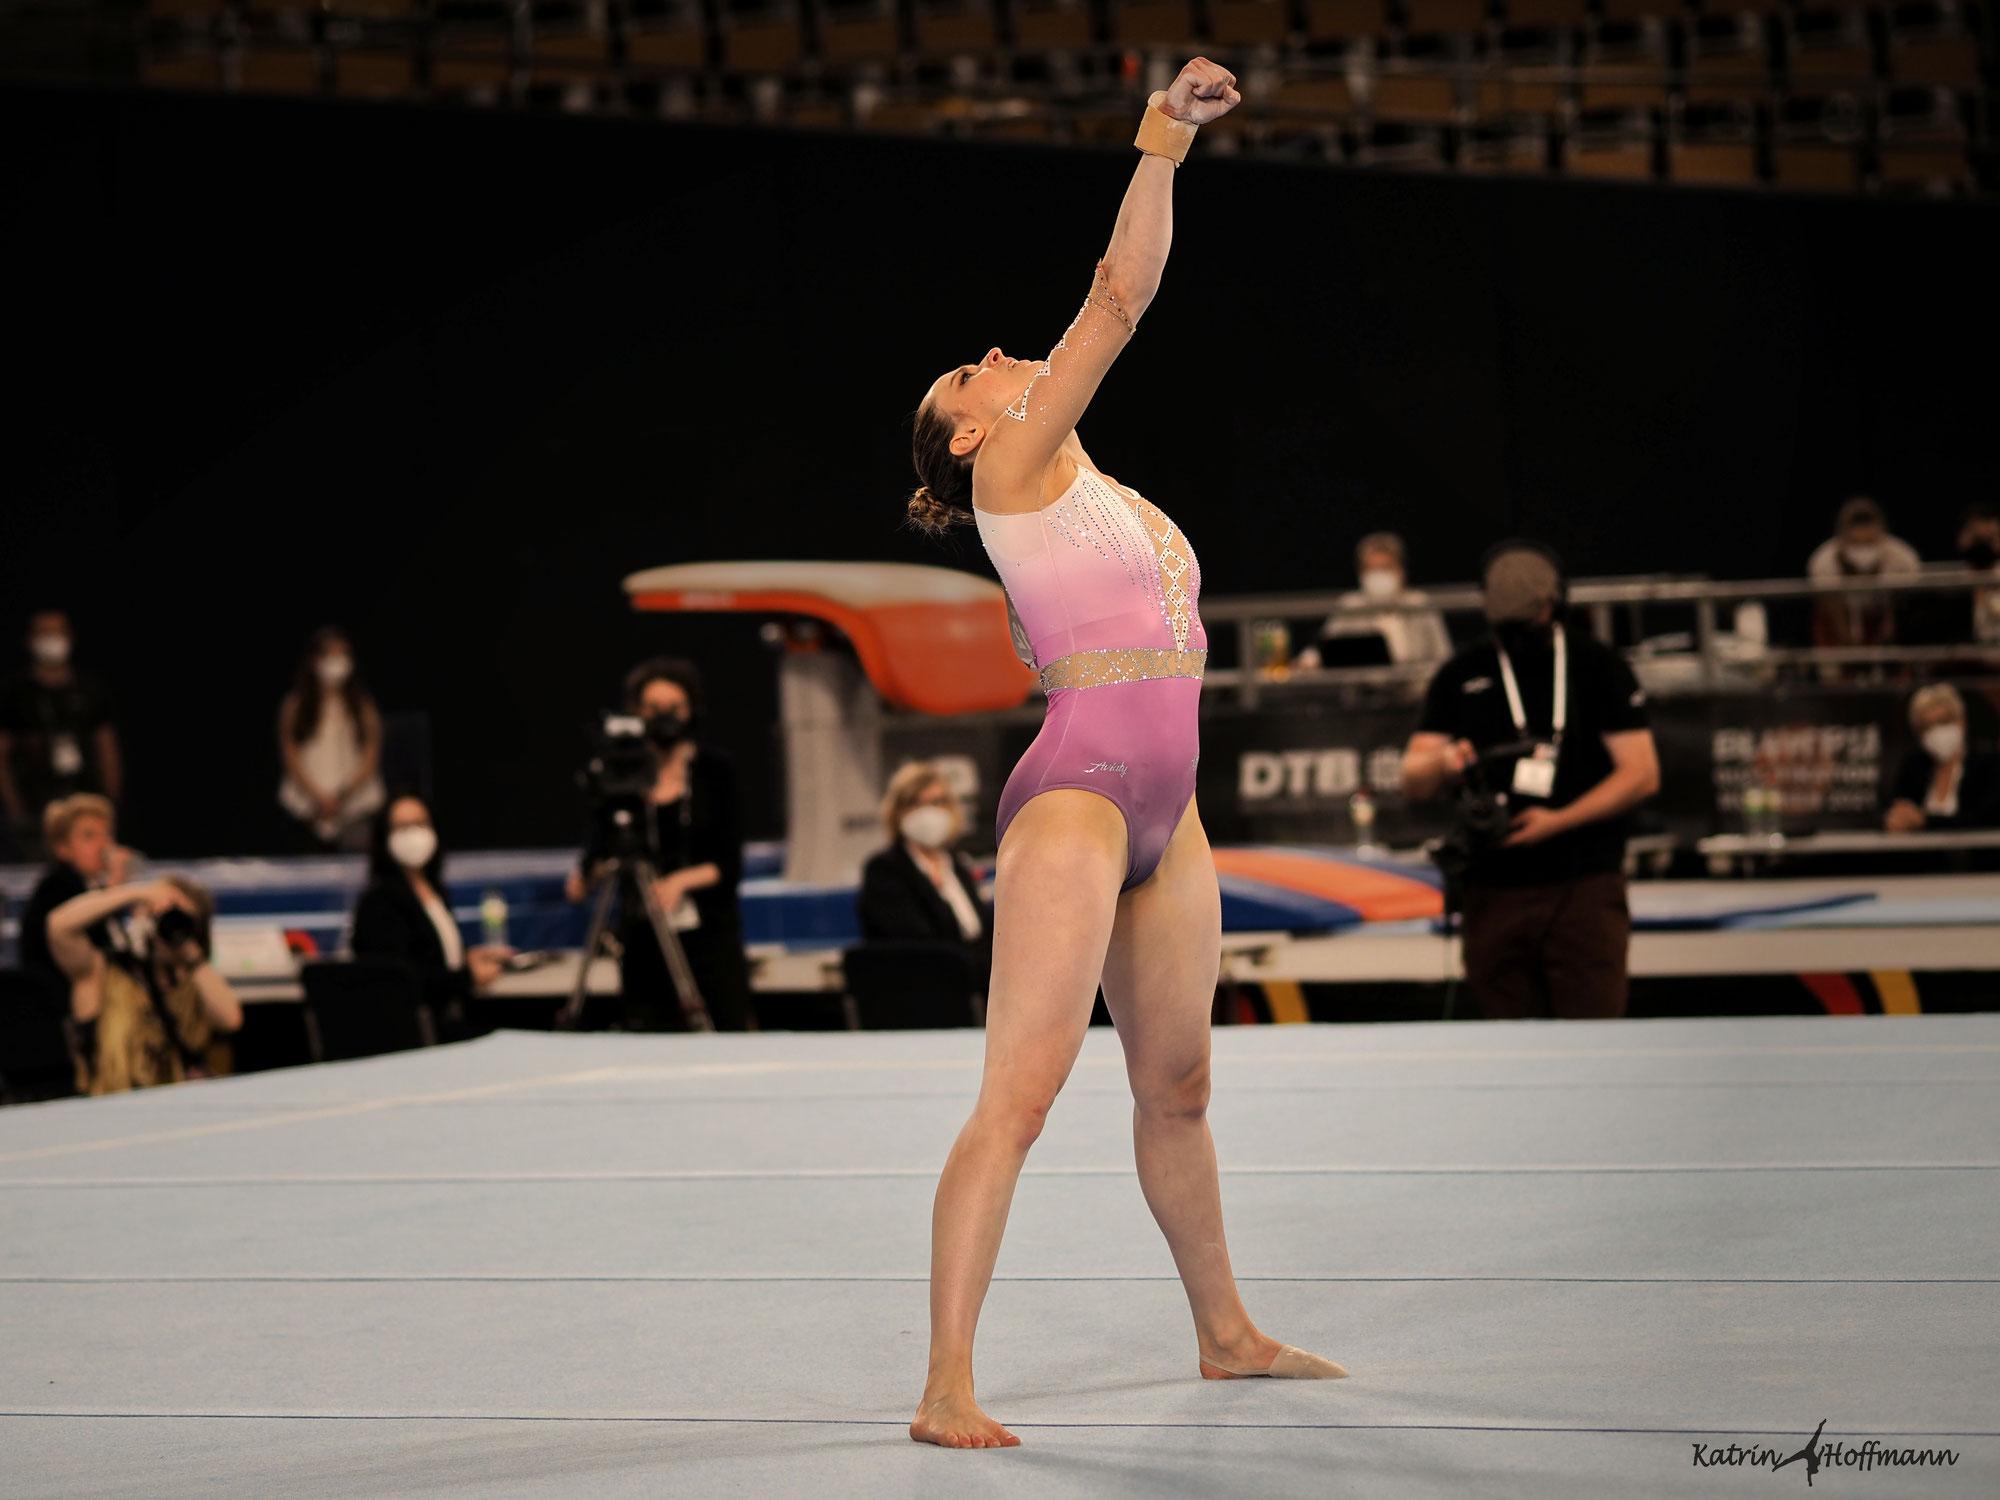 Bilder von der Olympiaqualifikation in München